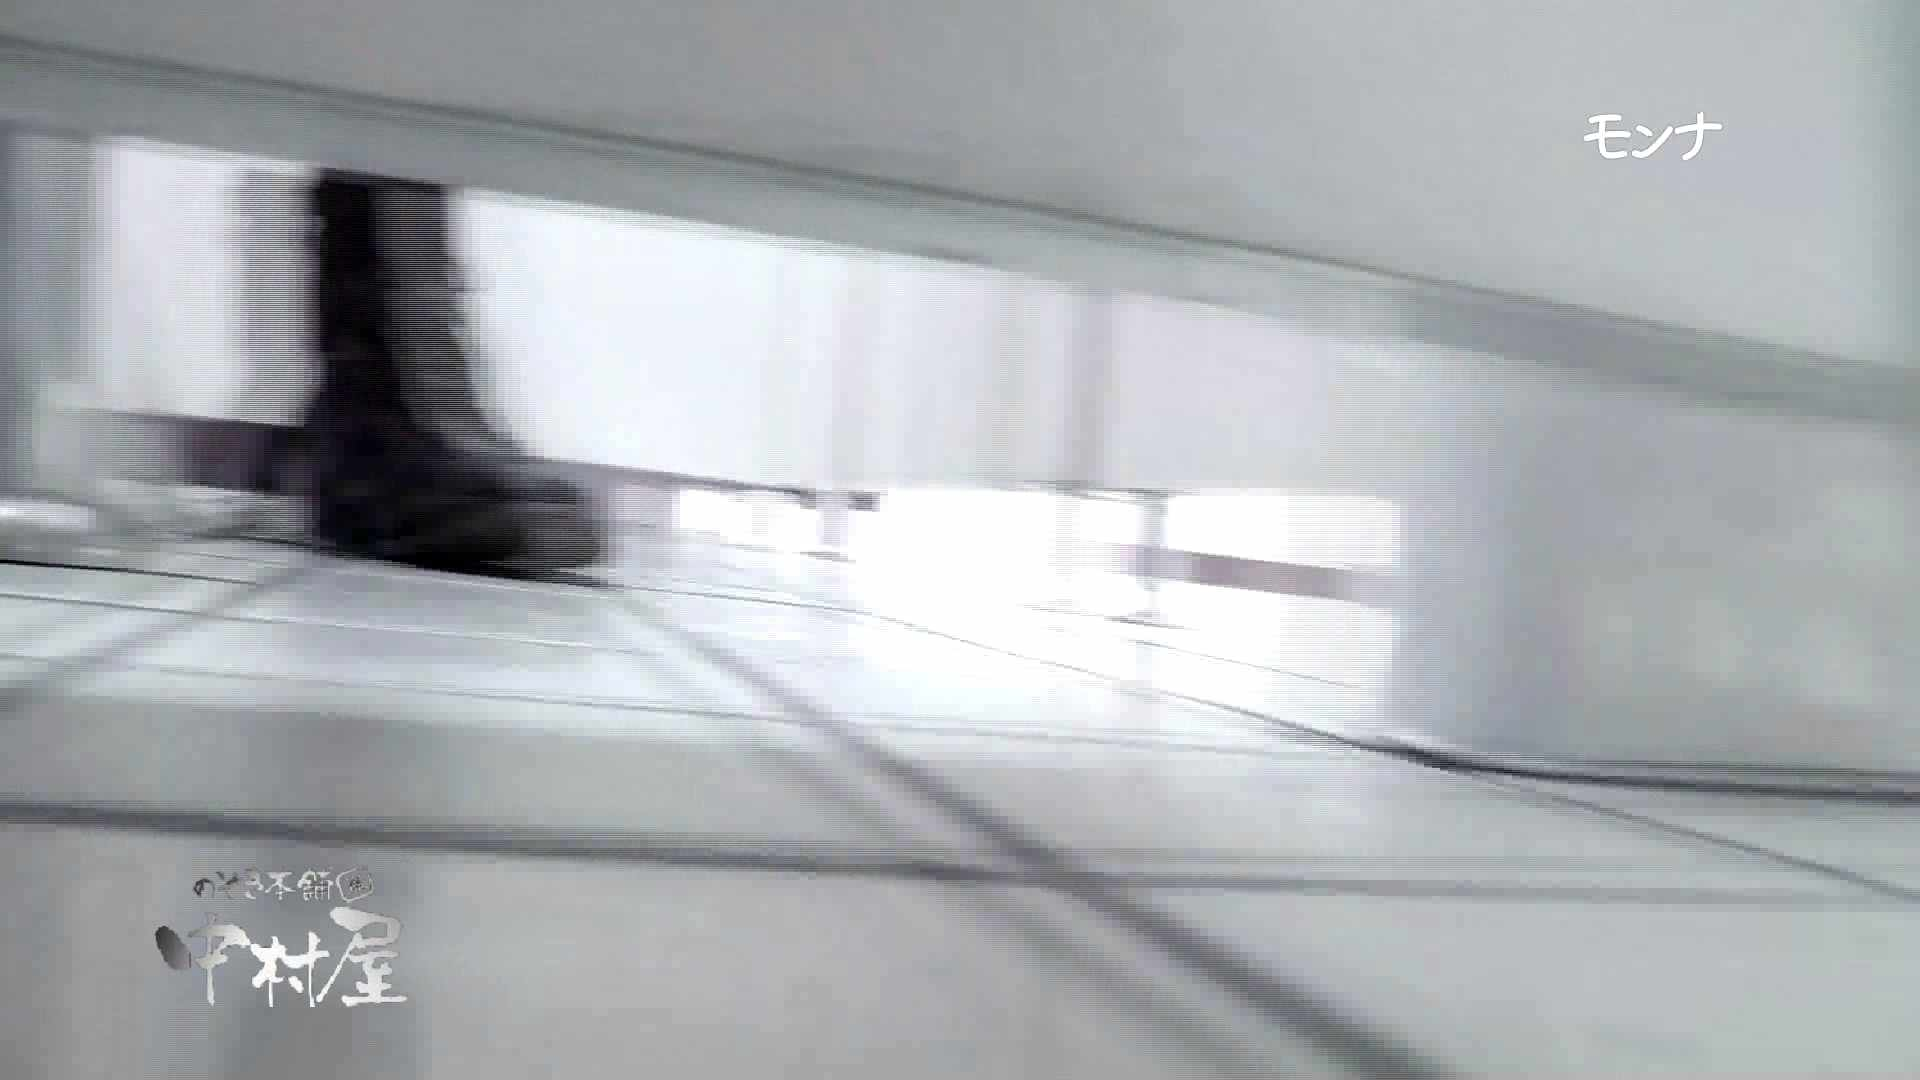 【美しい日本の未来】新学期!!下半身中心に攻めてます美女可愛い女子悪戯盗satuトイレ後編 0  40連発 16